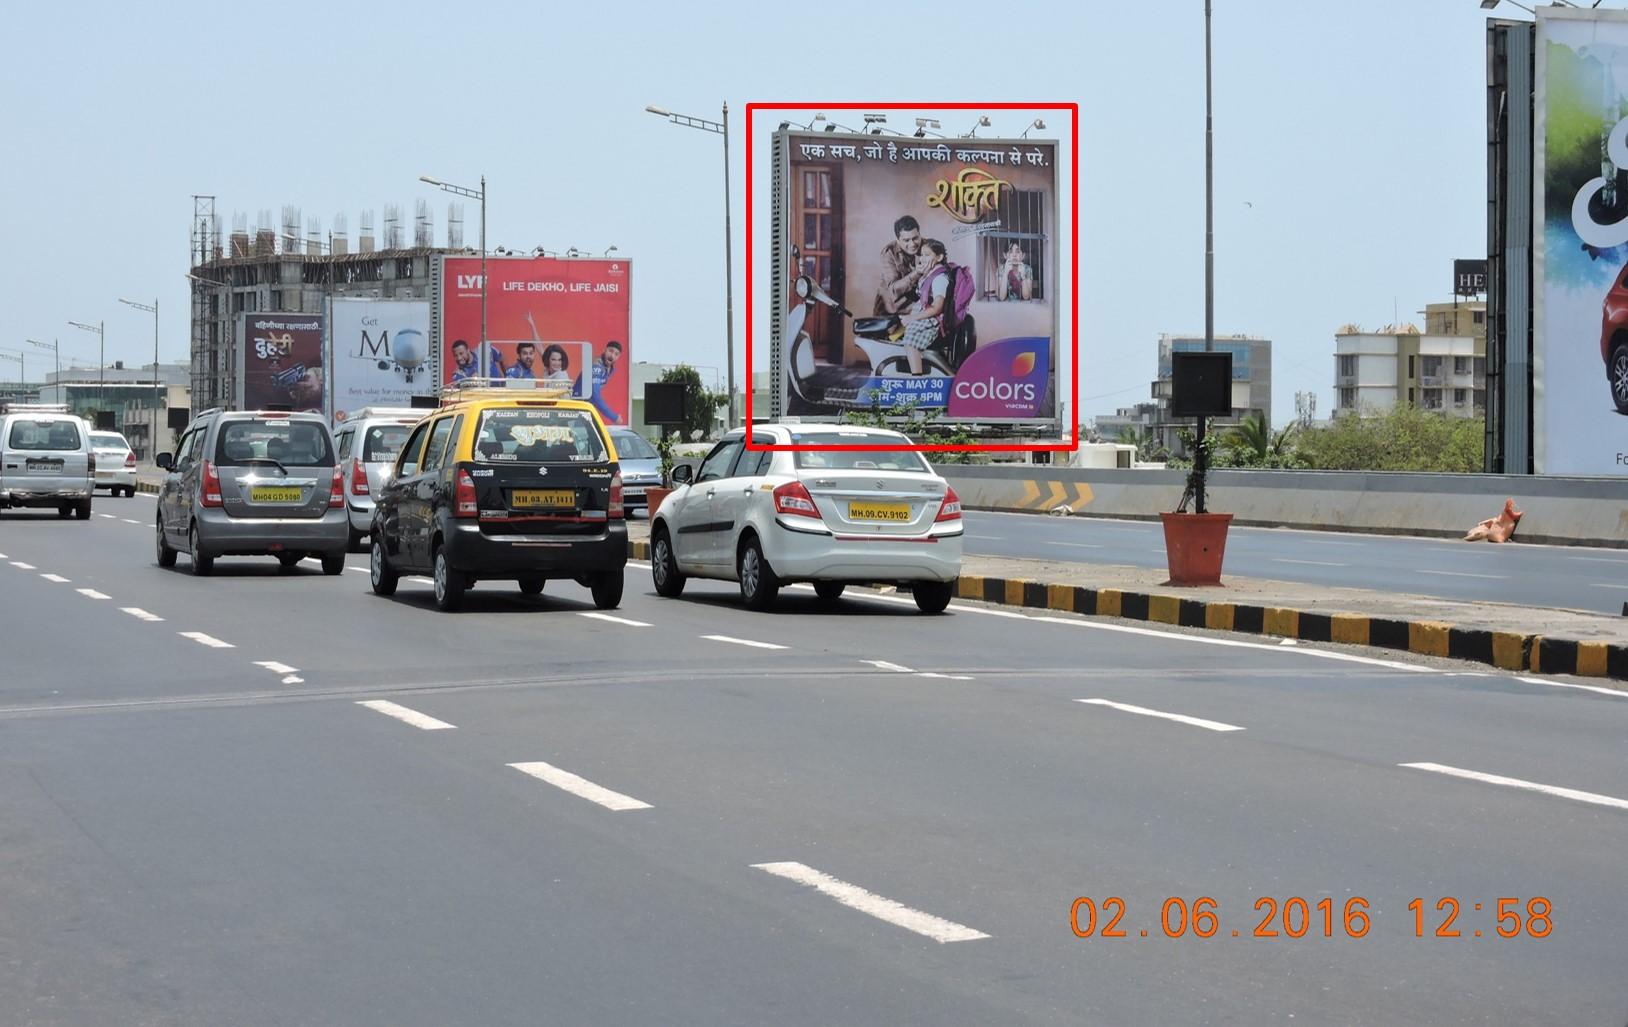 WEH, Andheri Jog Flyover MT, Mumbai